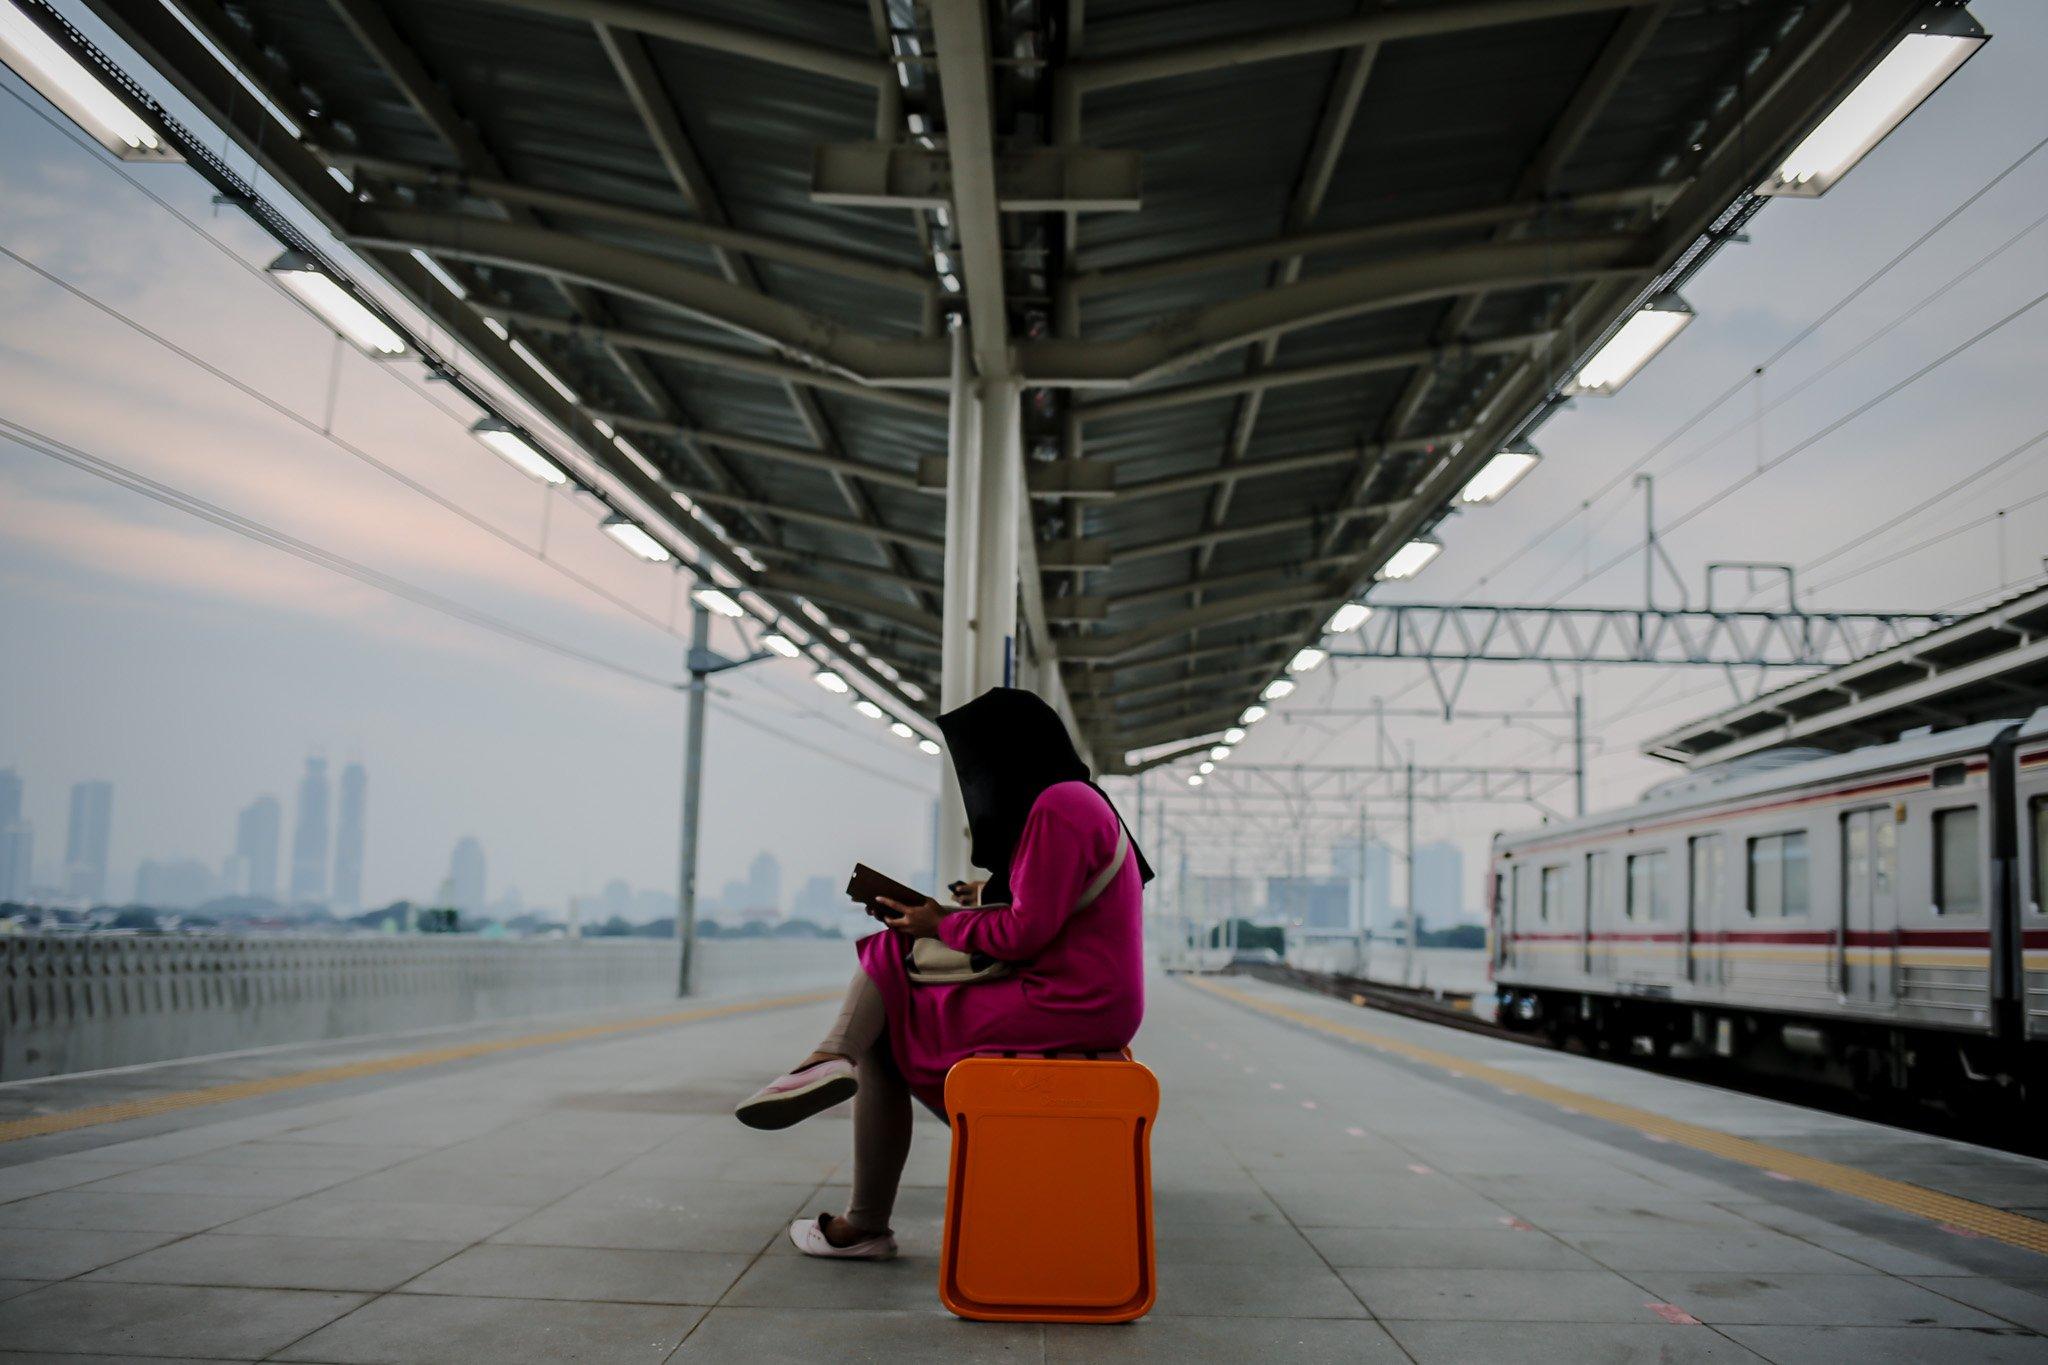 Calon penumpang menuggu di peron jalur layang (elevated track) di Stasiun Manggarai, Jakarta, Kamis (30/9/2021). Jalur layang Bogor Line di Stasiun Manggarai telah beroperasi yang terdiri dari empat peron bagi penumpang KRL Commuter Line relasi Jakarta-Bogor, Hingga hari ini, progres konstruksi Stasiun Manggarai sudah mencapai 90,3 persen.